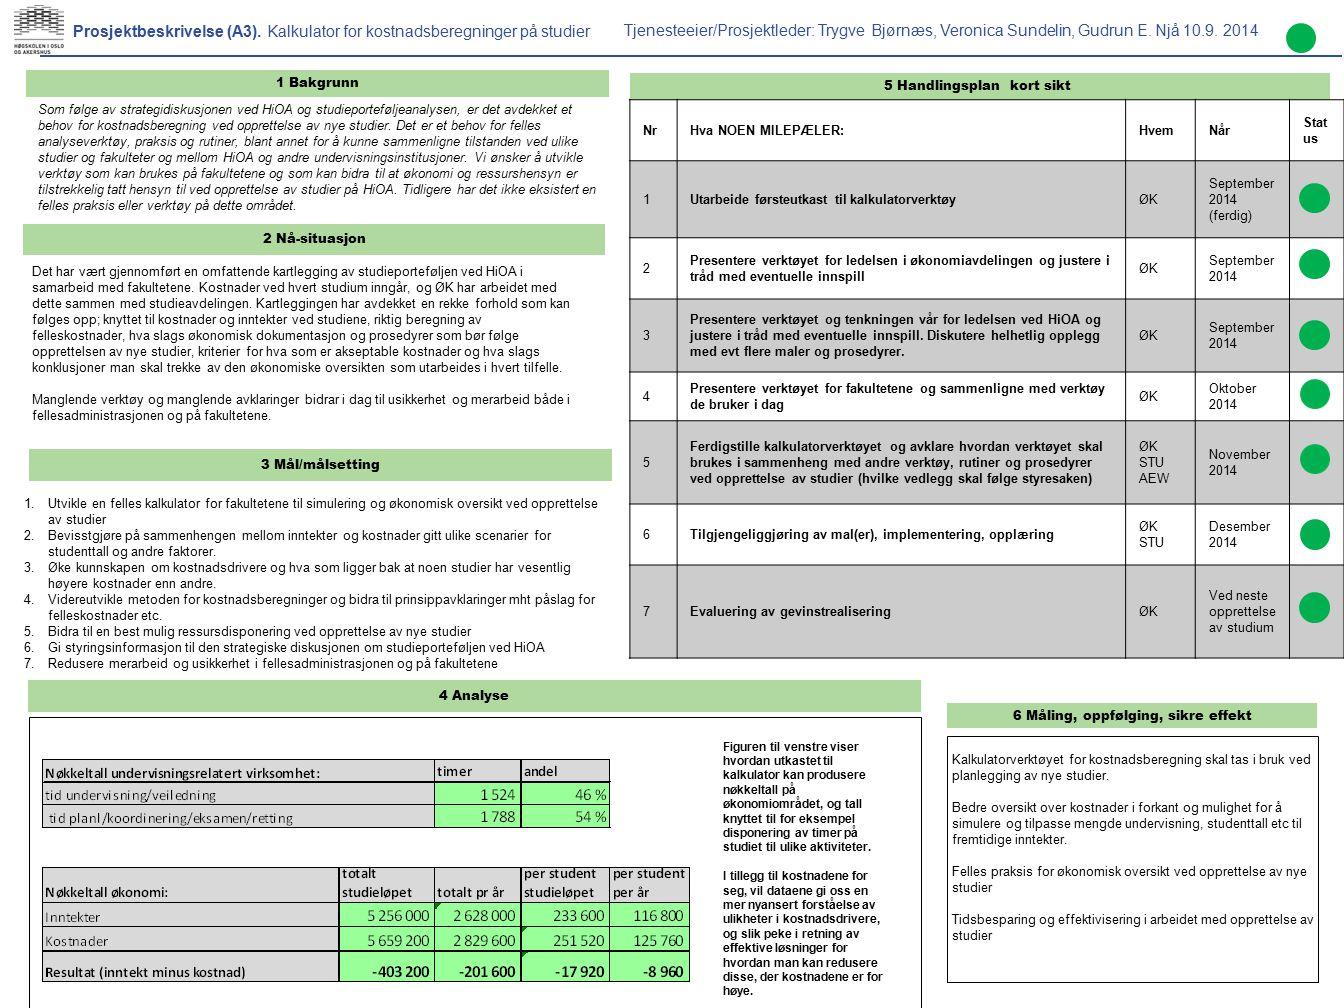 1 Bakgrunn 3 Mål/målsetting Prosjektbeskrivelse (A3). Kalkulator for kostnadsberegninger på studier 2 Nå-situasjon 4 Analyse Tjenesteeier/Prosjektlede